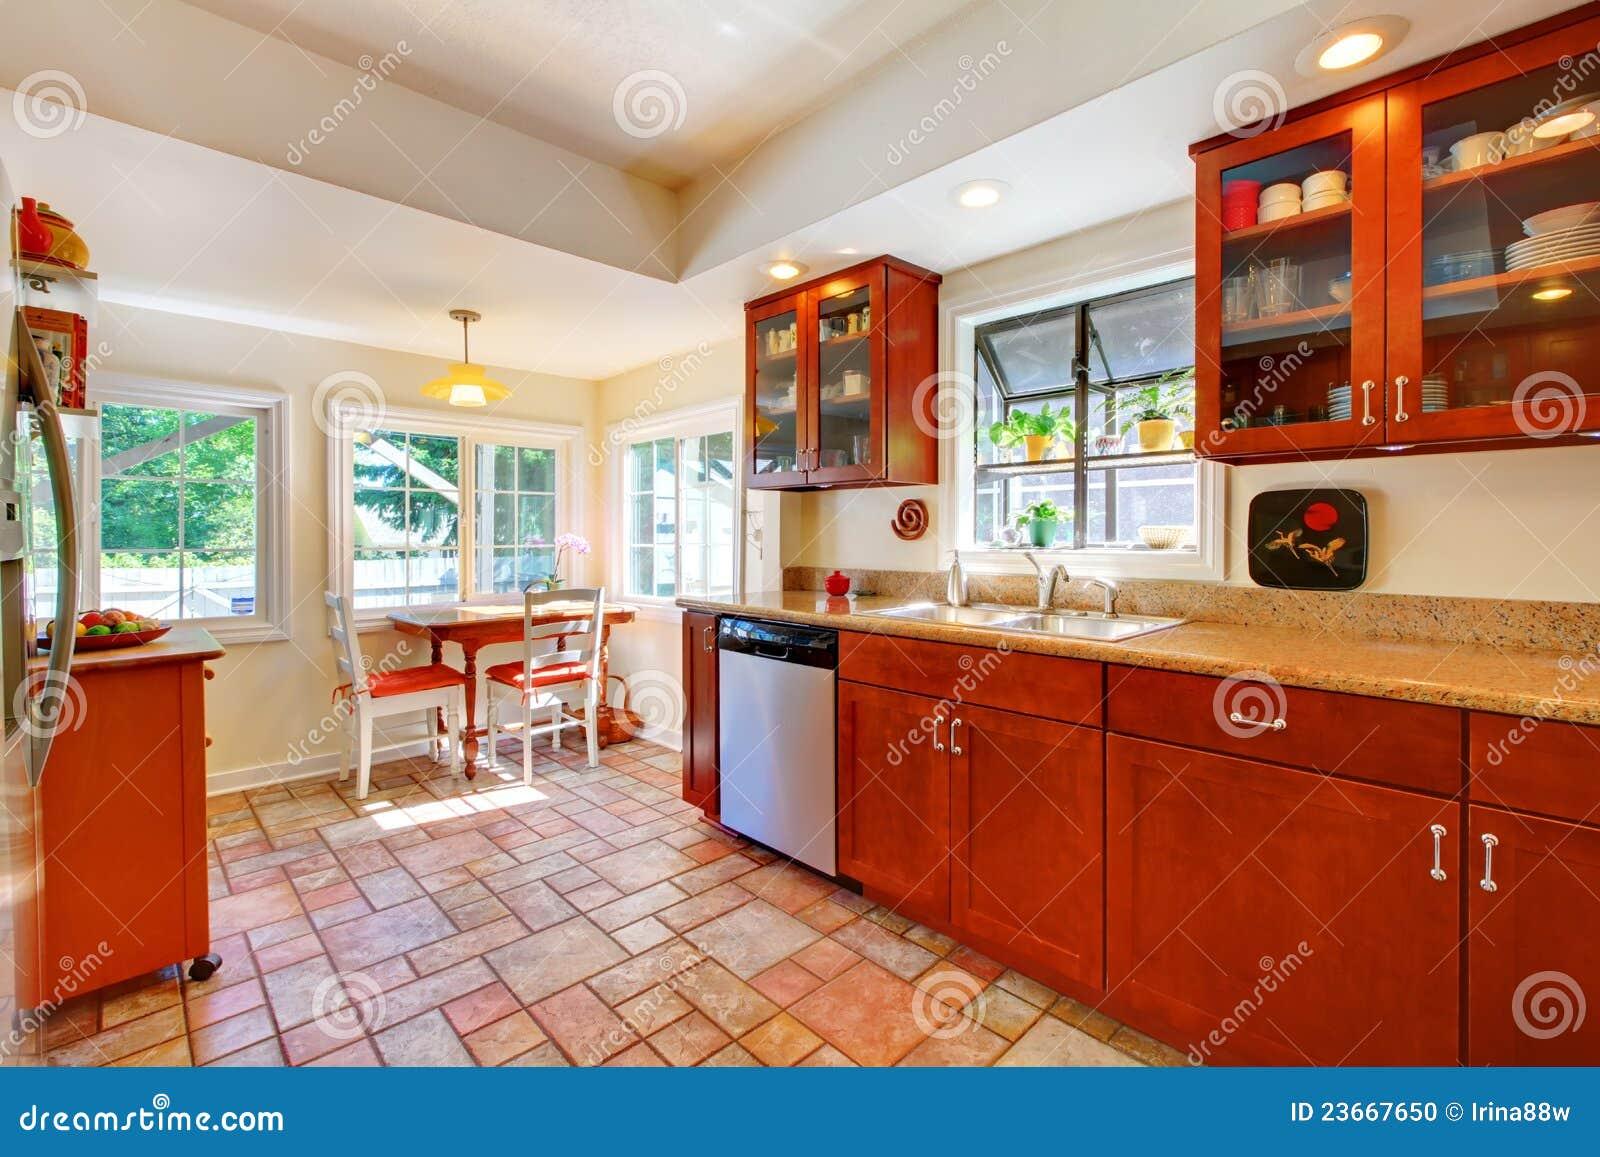 #BA350A  da cereja com assoalho de telha e interior ensolarado da HOME da 1300x957 px Melhoria Home Da Cozinha_10 Imagens